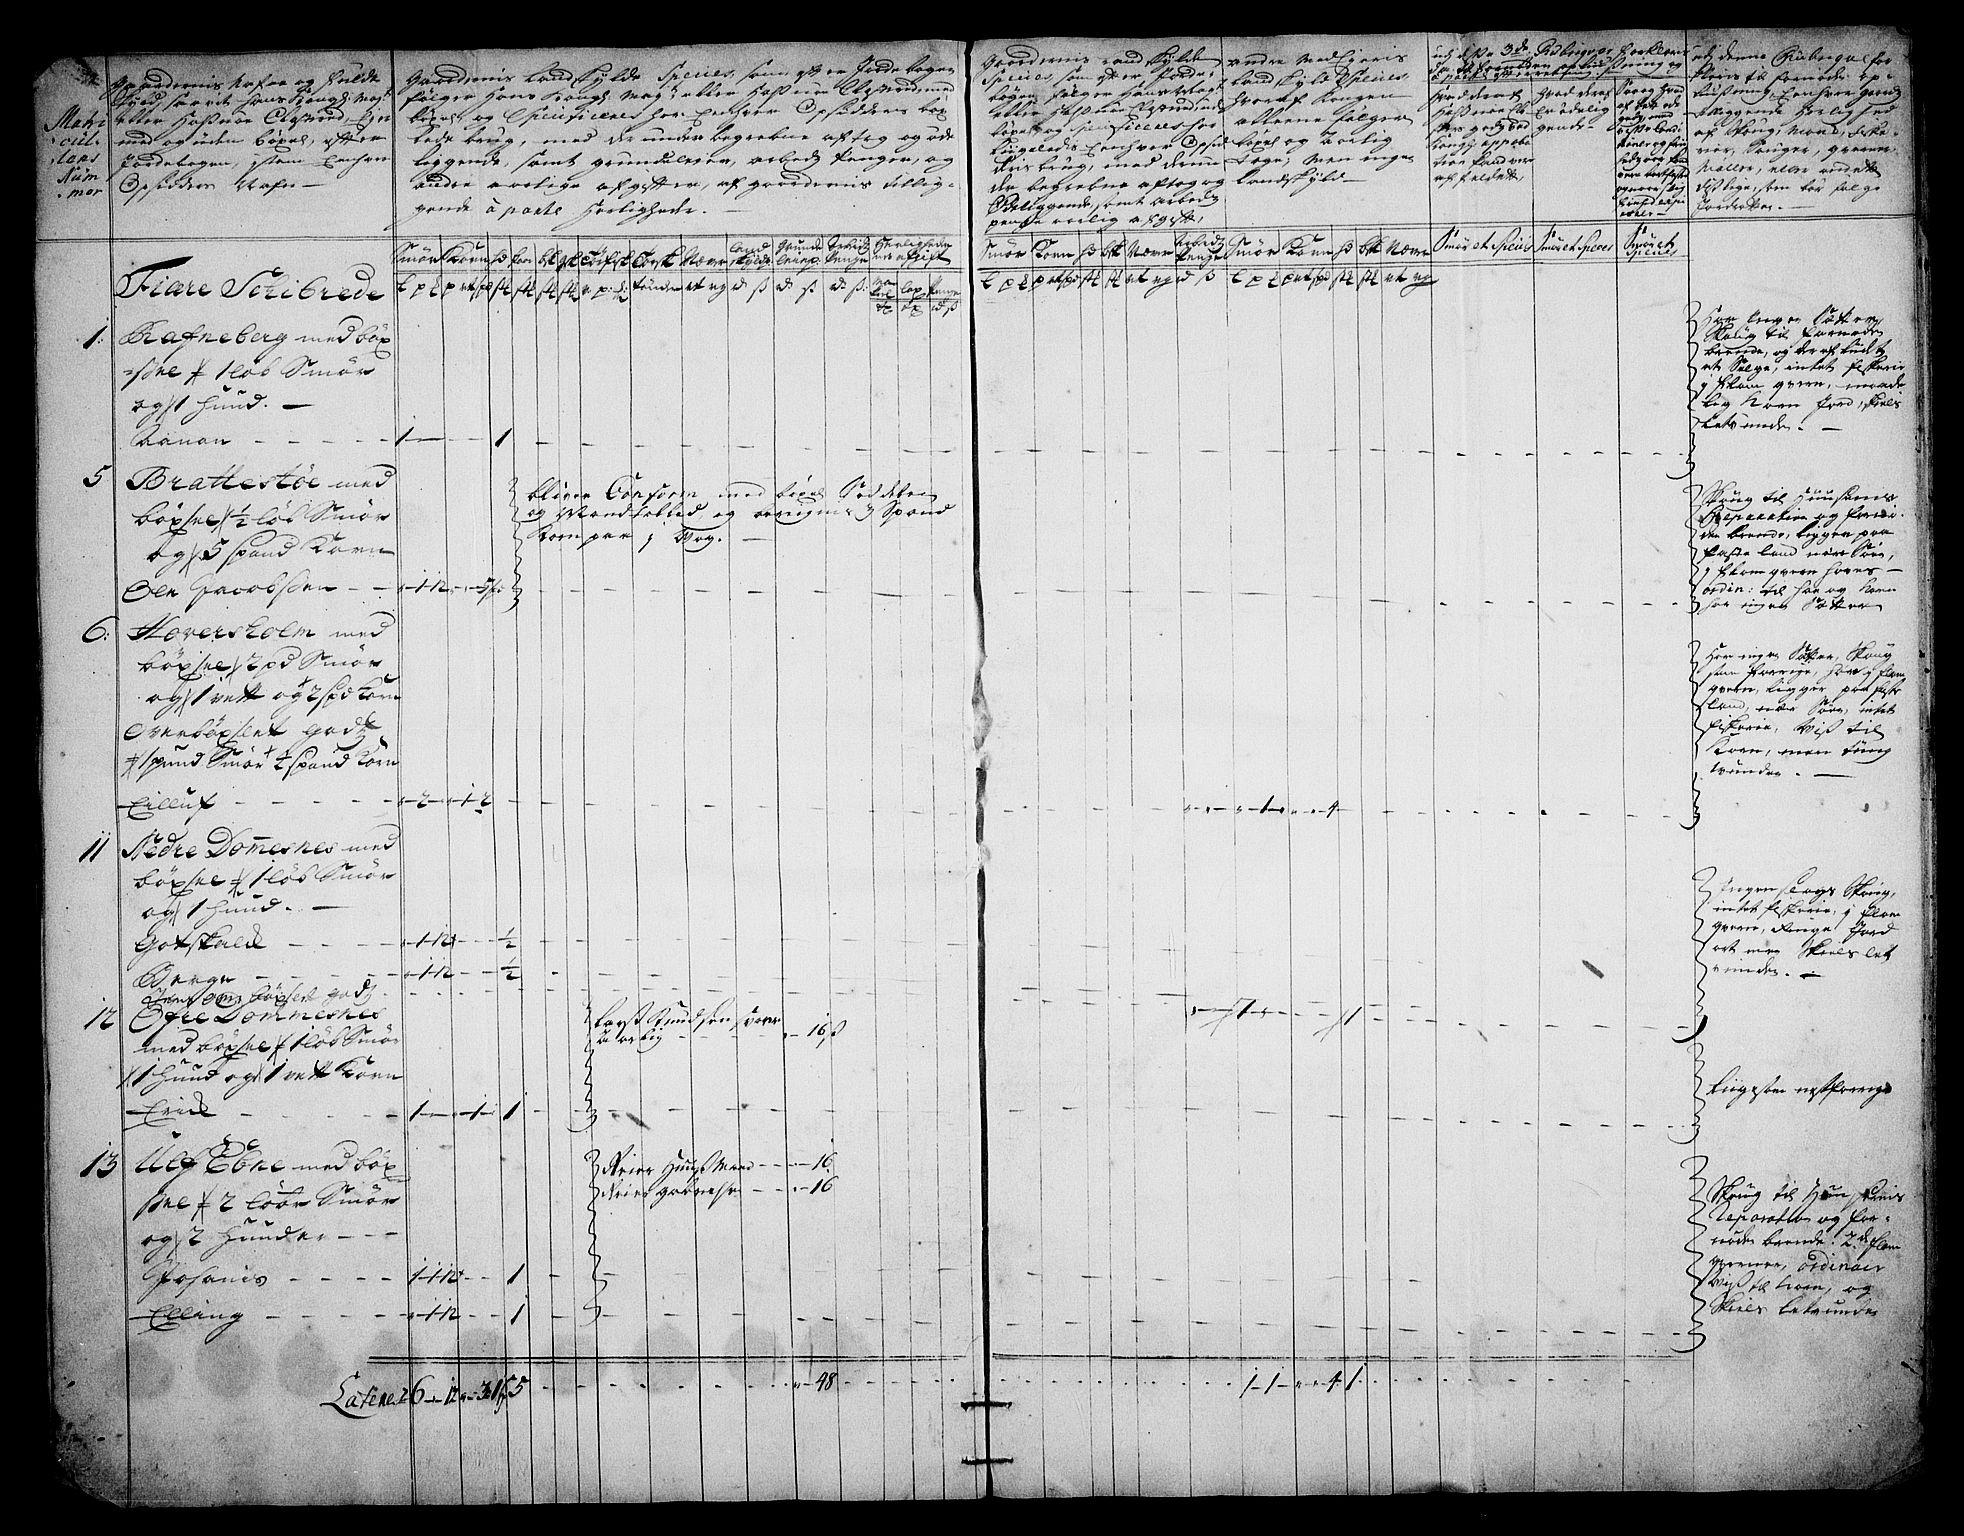 RA, Rentekammeret inntil 1814, Realistisk ordnet avdeling, On/L0003: [Jj 4]: Kommisjonsforretning over Vilhelm Hanssøns forpaktning av Halsnøy klosters gods, 1721-1729, s. 185